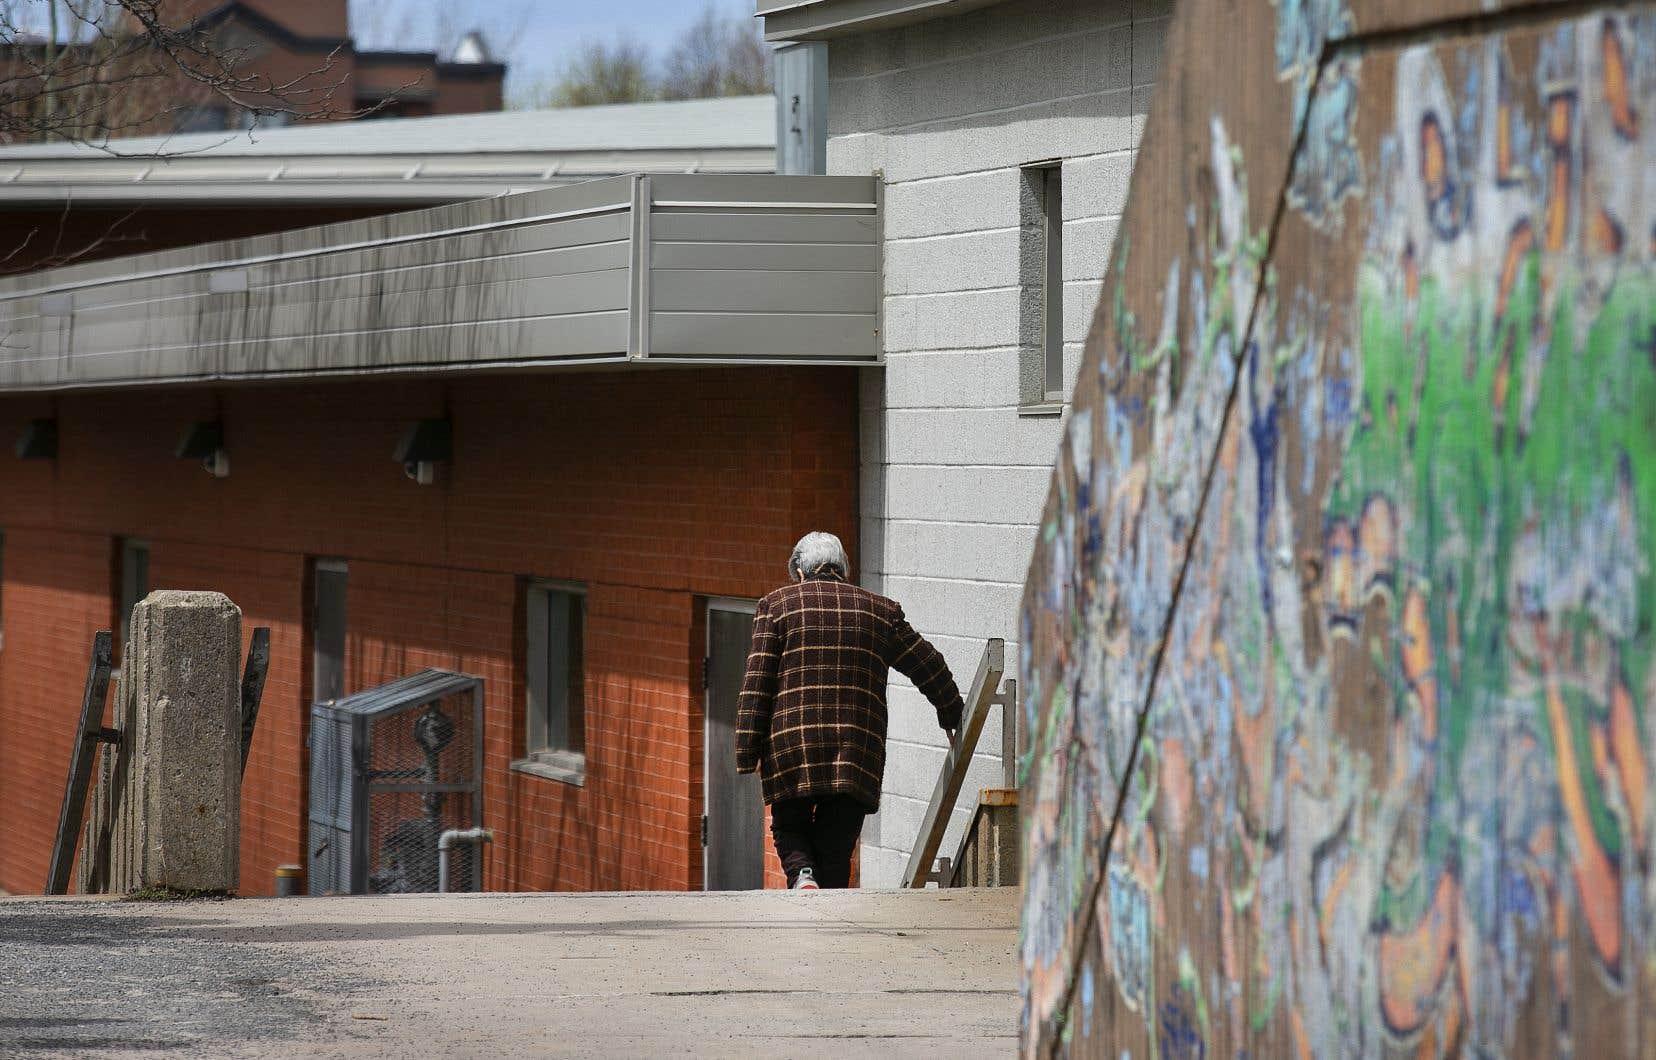 «Traiter collectivement les personnes âgées en dépendants vulnérables, sans égard à leur autonomie réelle et au besoin que les autres générations ont d'elles, est une forme de dépréciation sociale inacceptable», souligne l'auteur.